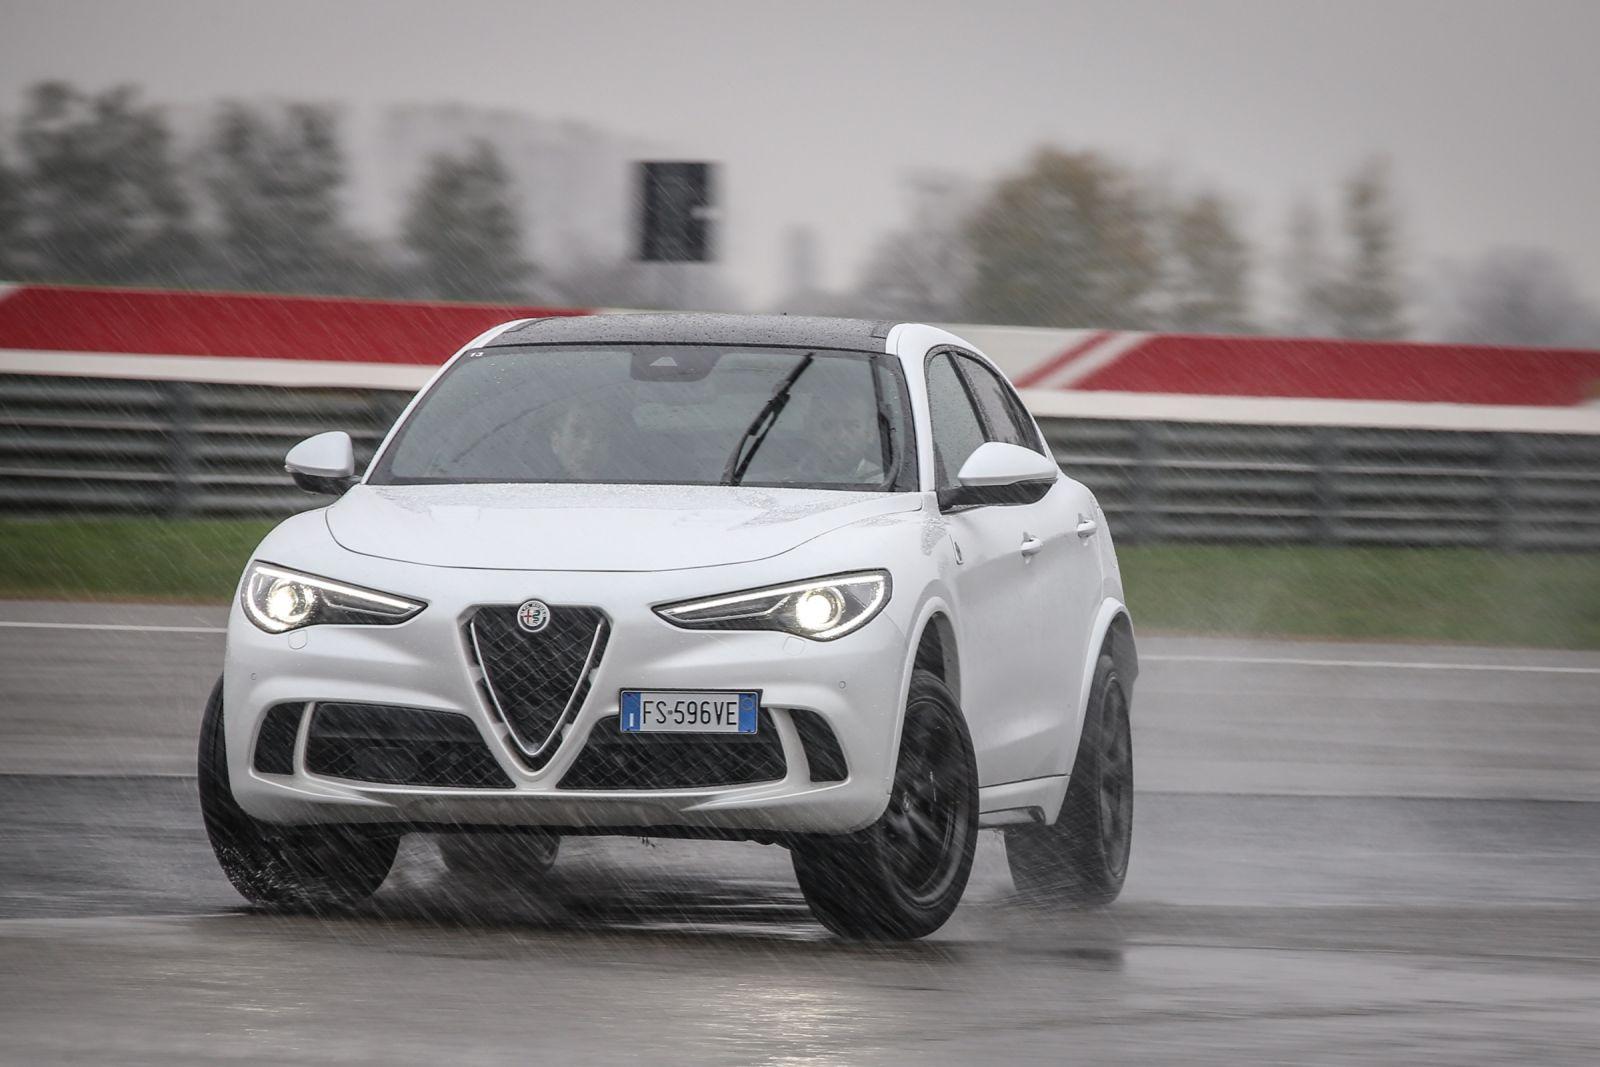 Q4 on action2B252832529 Δυο τετρακίνητες Alfa χορεύουν στον πάγο! Alfa, alfa romeo, Alfa Romeo Giulia, Alfa Romeo Giulia QV, Alfa Romeo Q4, Alfa Romeo Stelvio, drift, video, videos